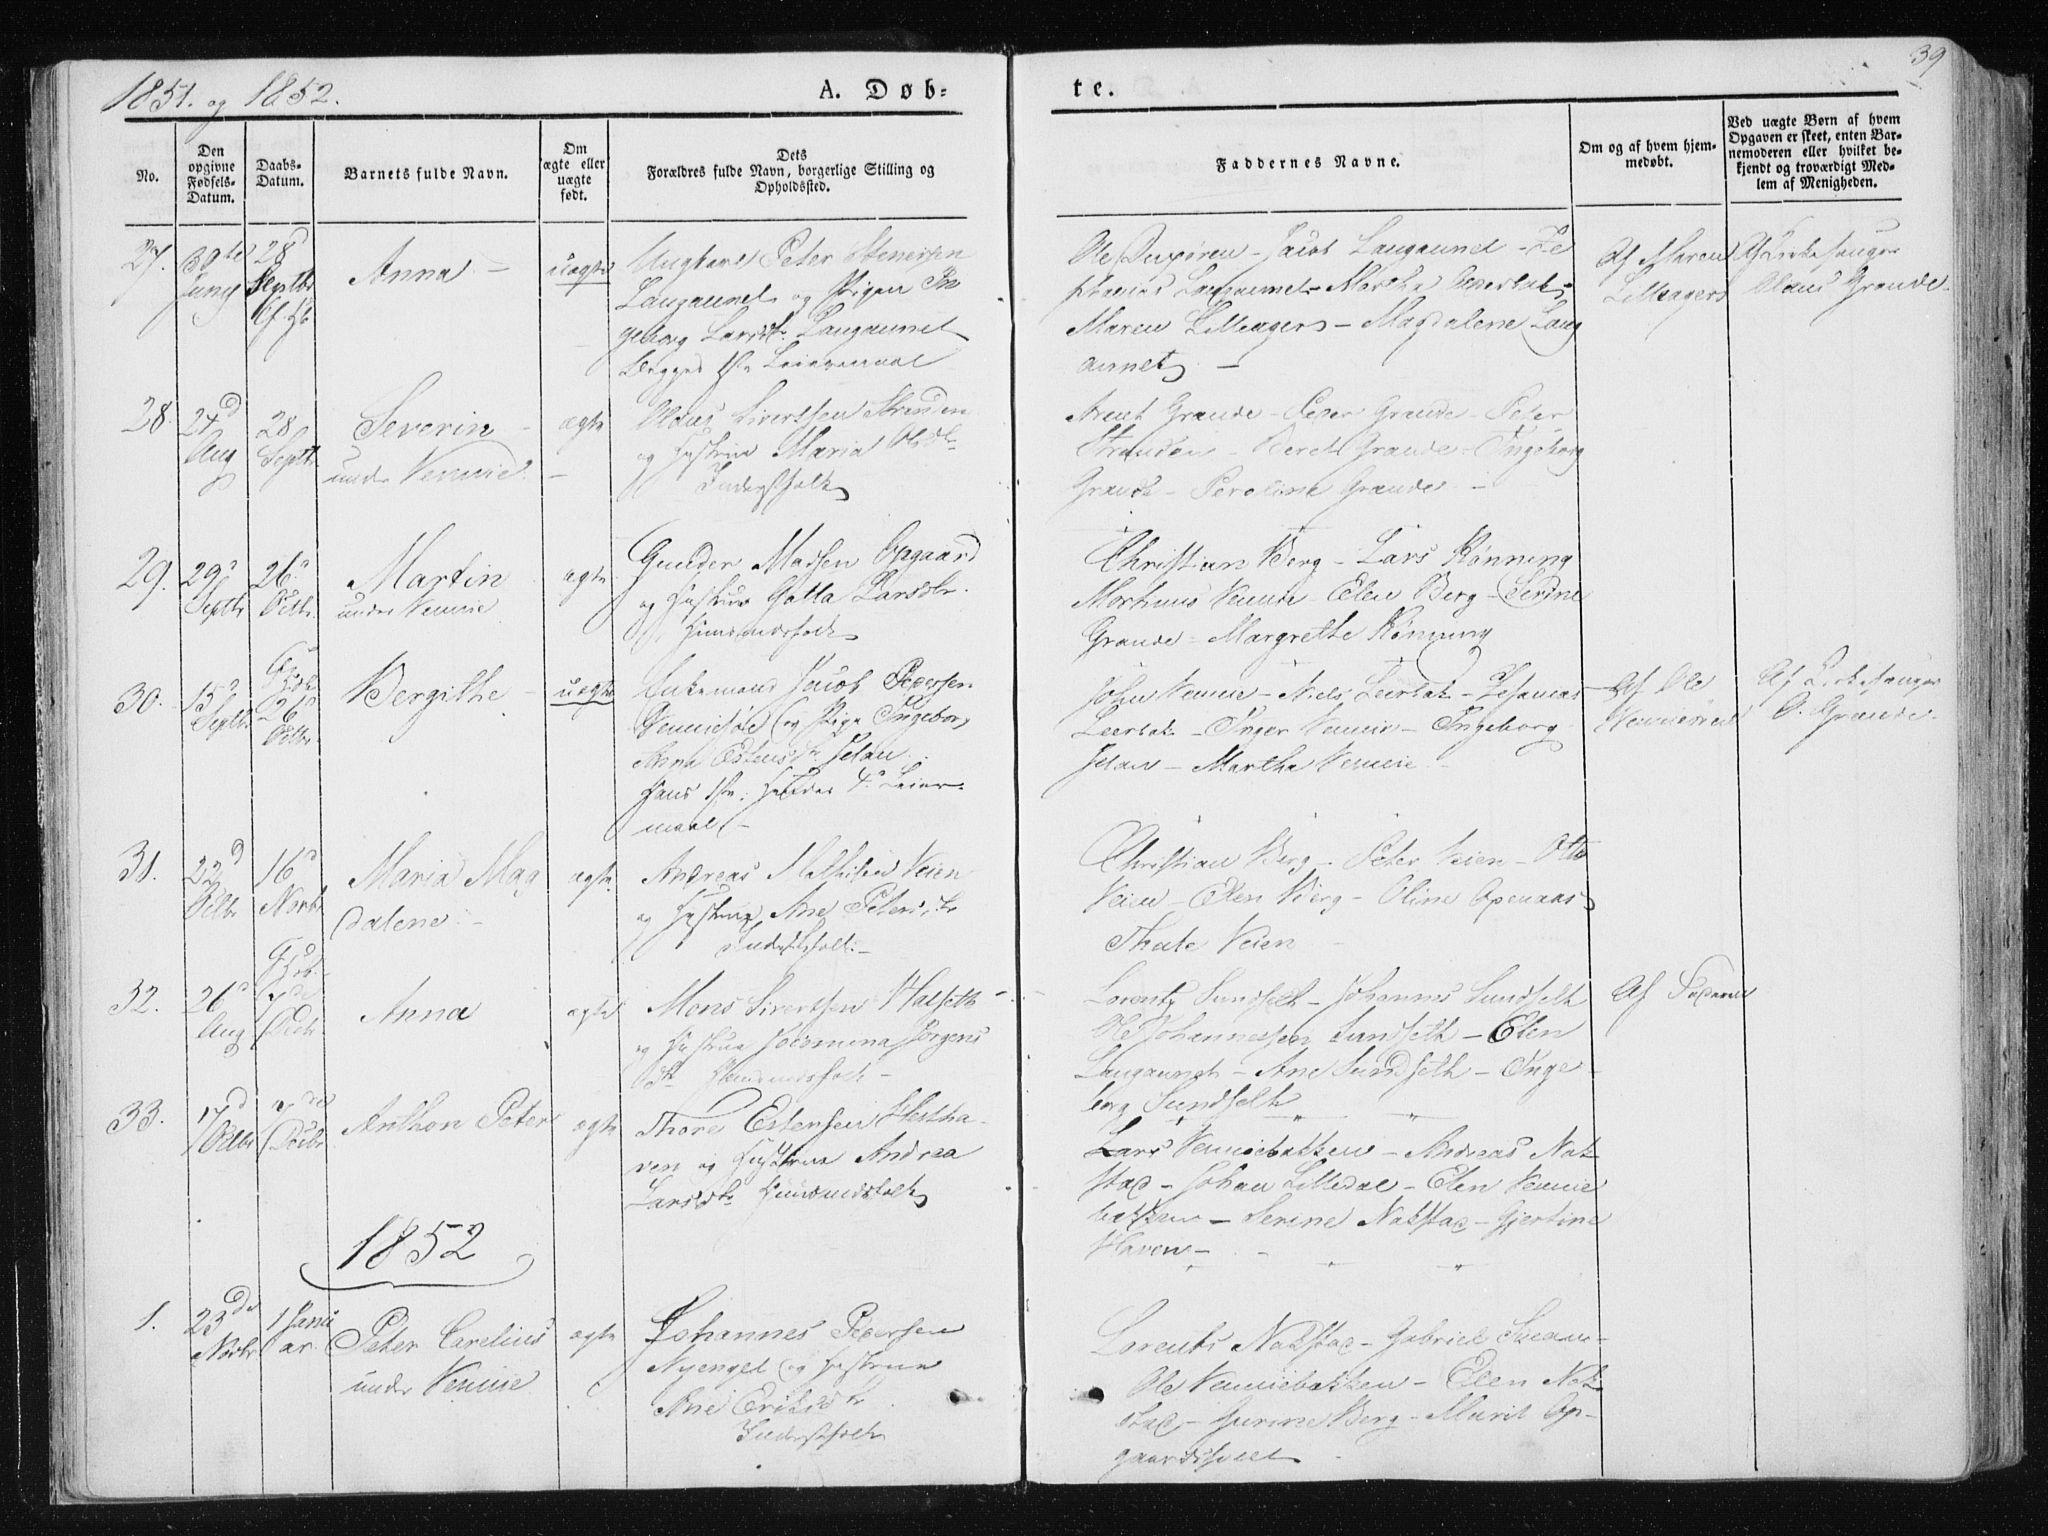 SAT, Ministerialprotokoller, klokkerbøker og fødselsregistre - Nord-Trøndelag, 733/L0323: Ministerialbok nr. 733A02, 1843-1870, s. 39